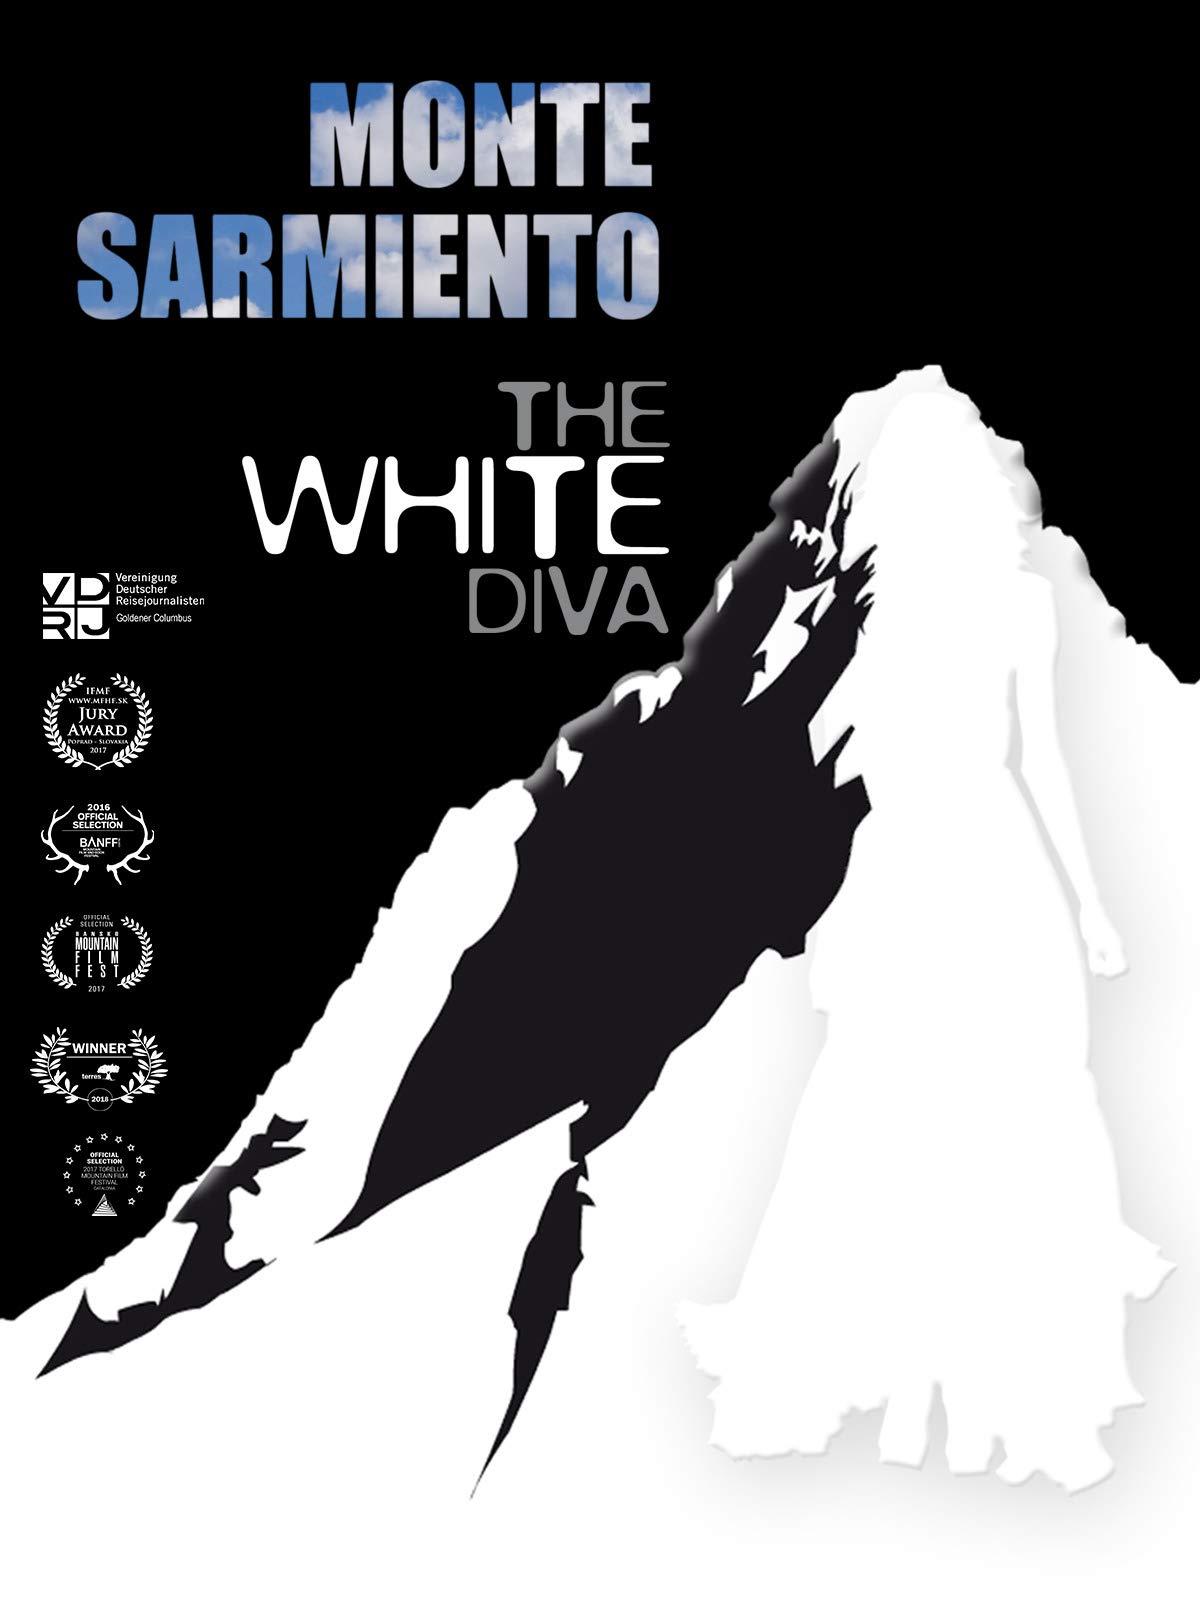 Monte Sarmiento - The White Diva on Amazon Prime Video UK